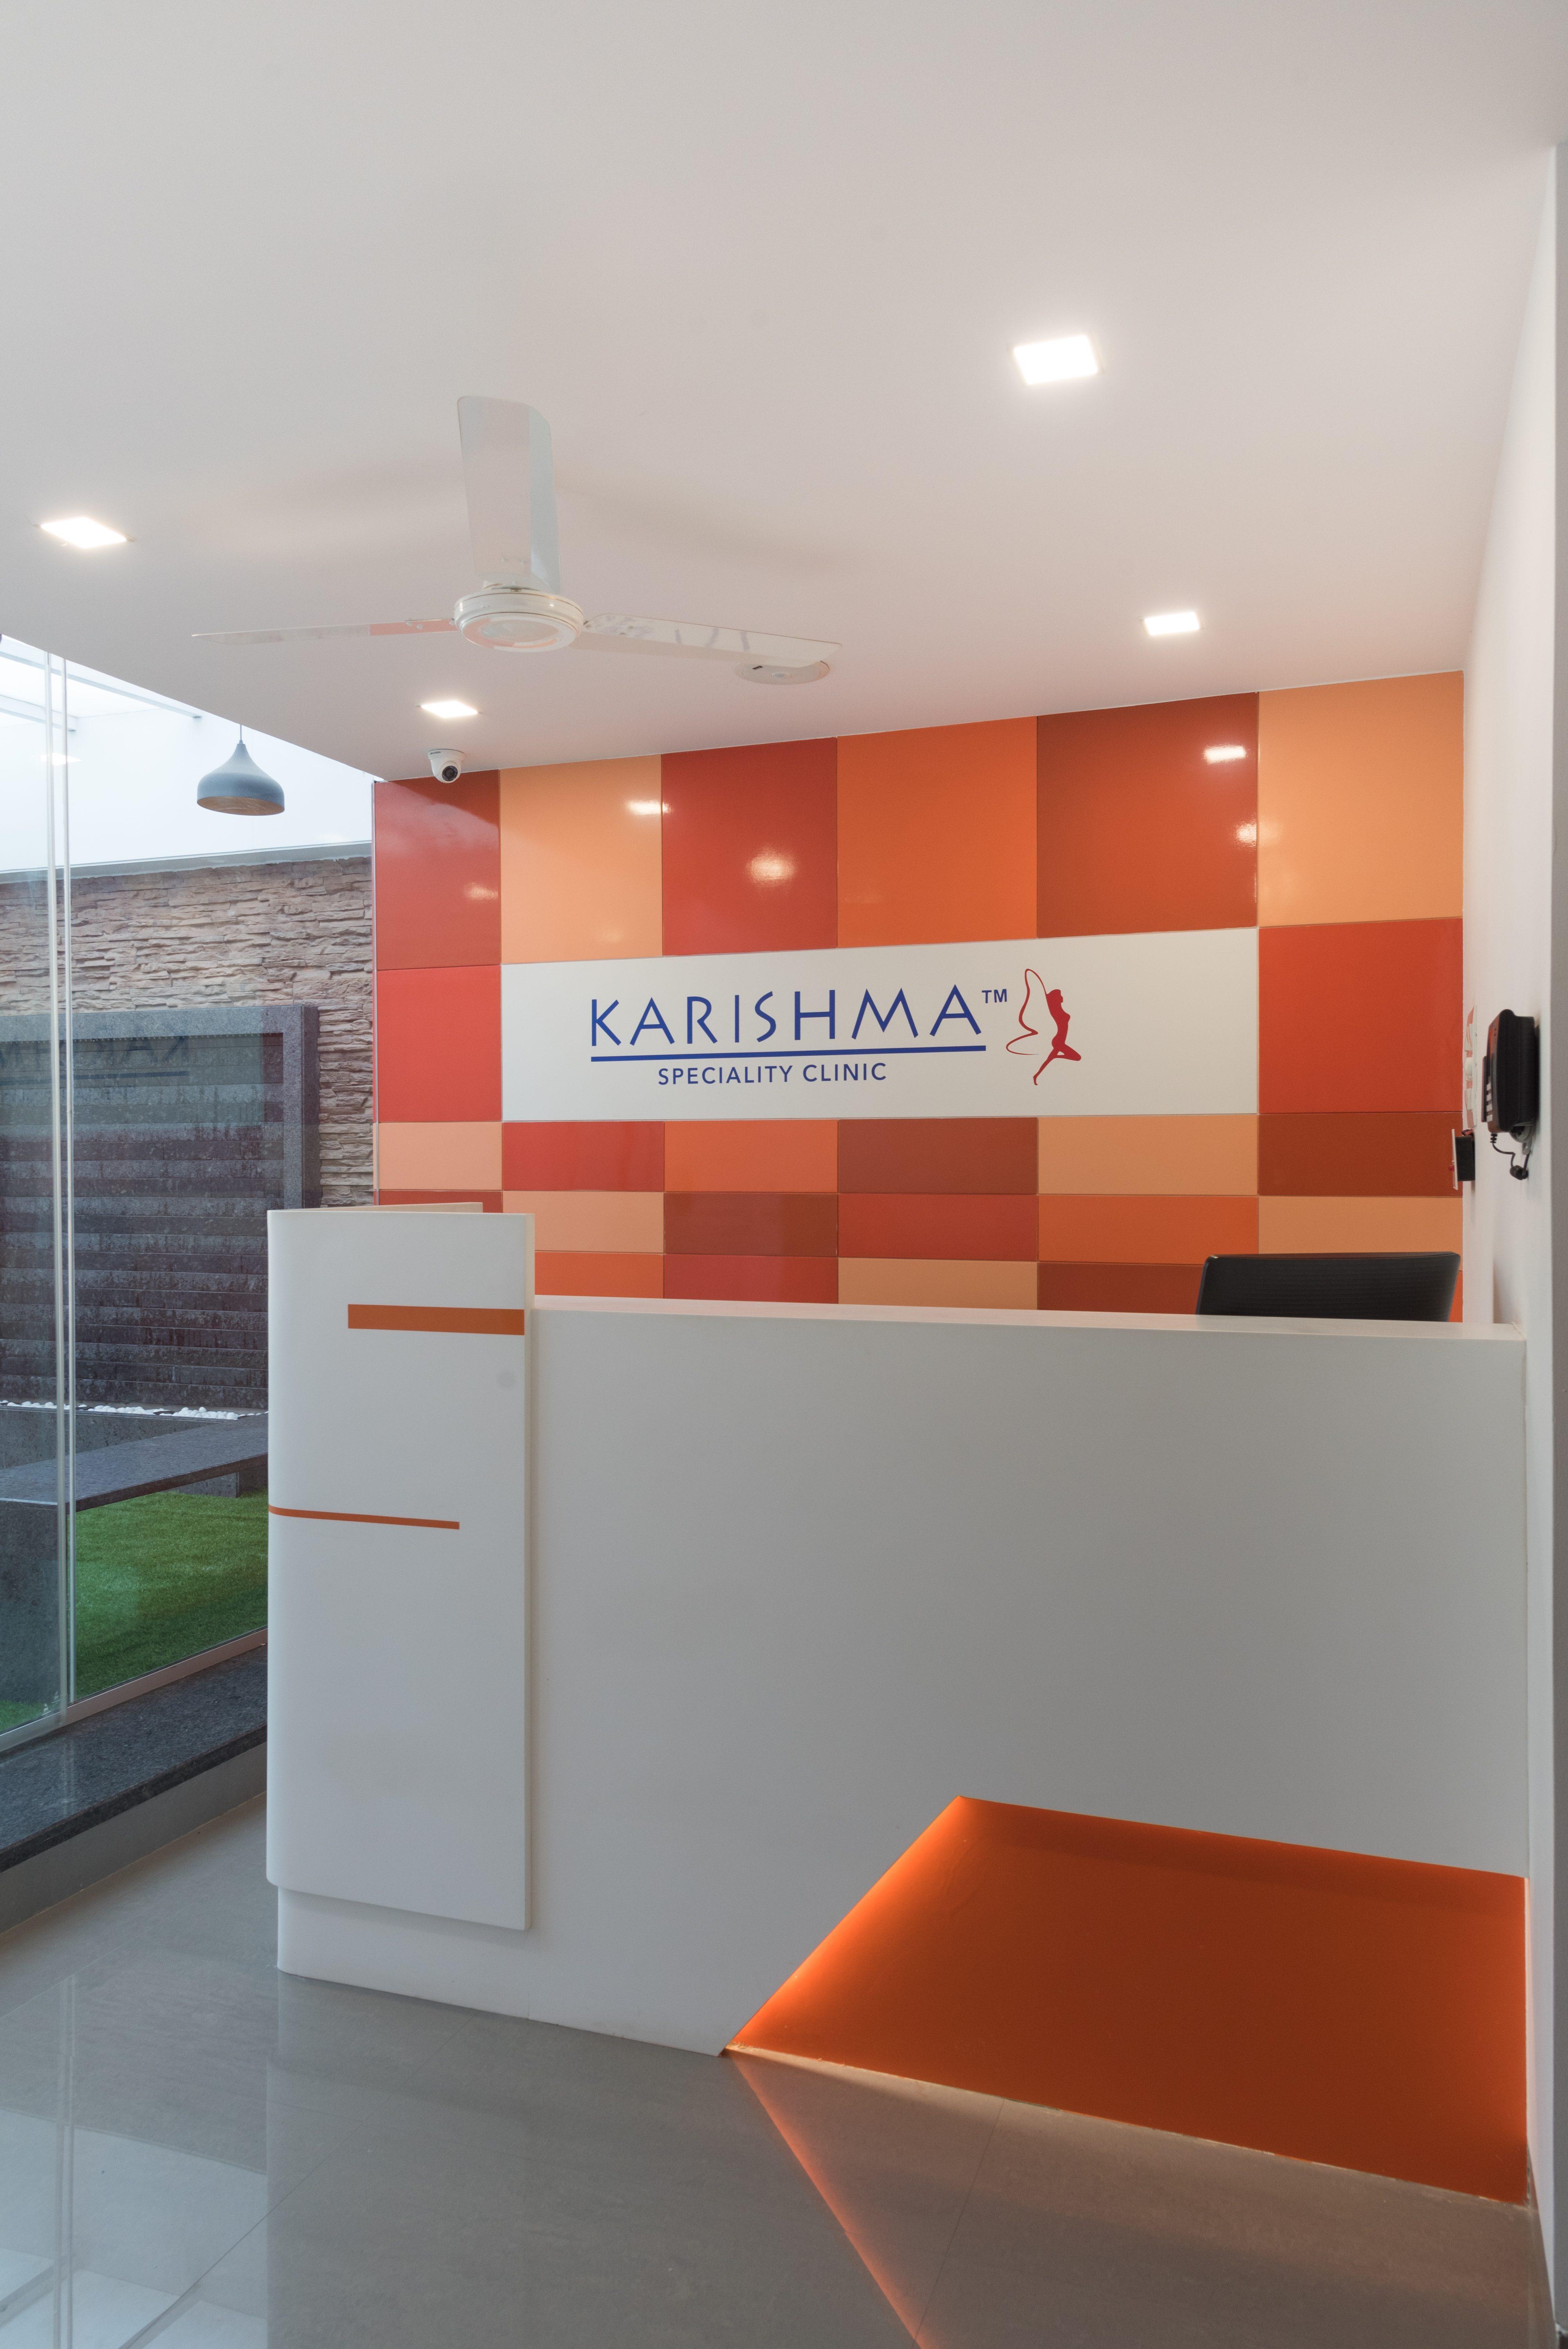 Karishma Speciality Clinic Reception